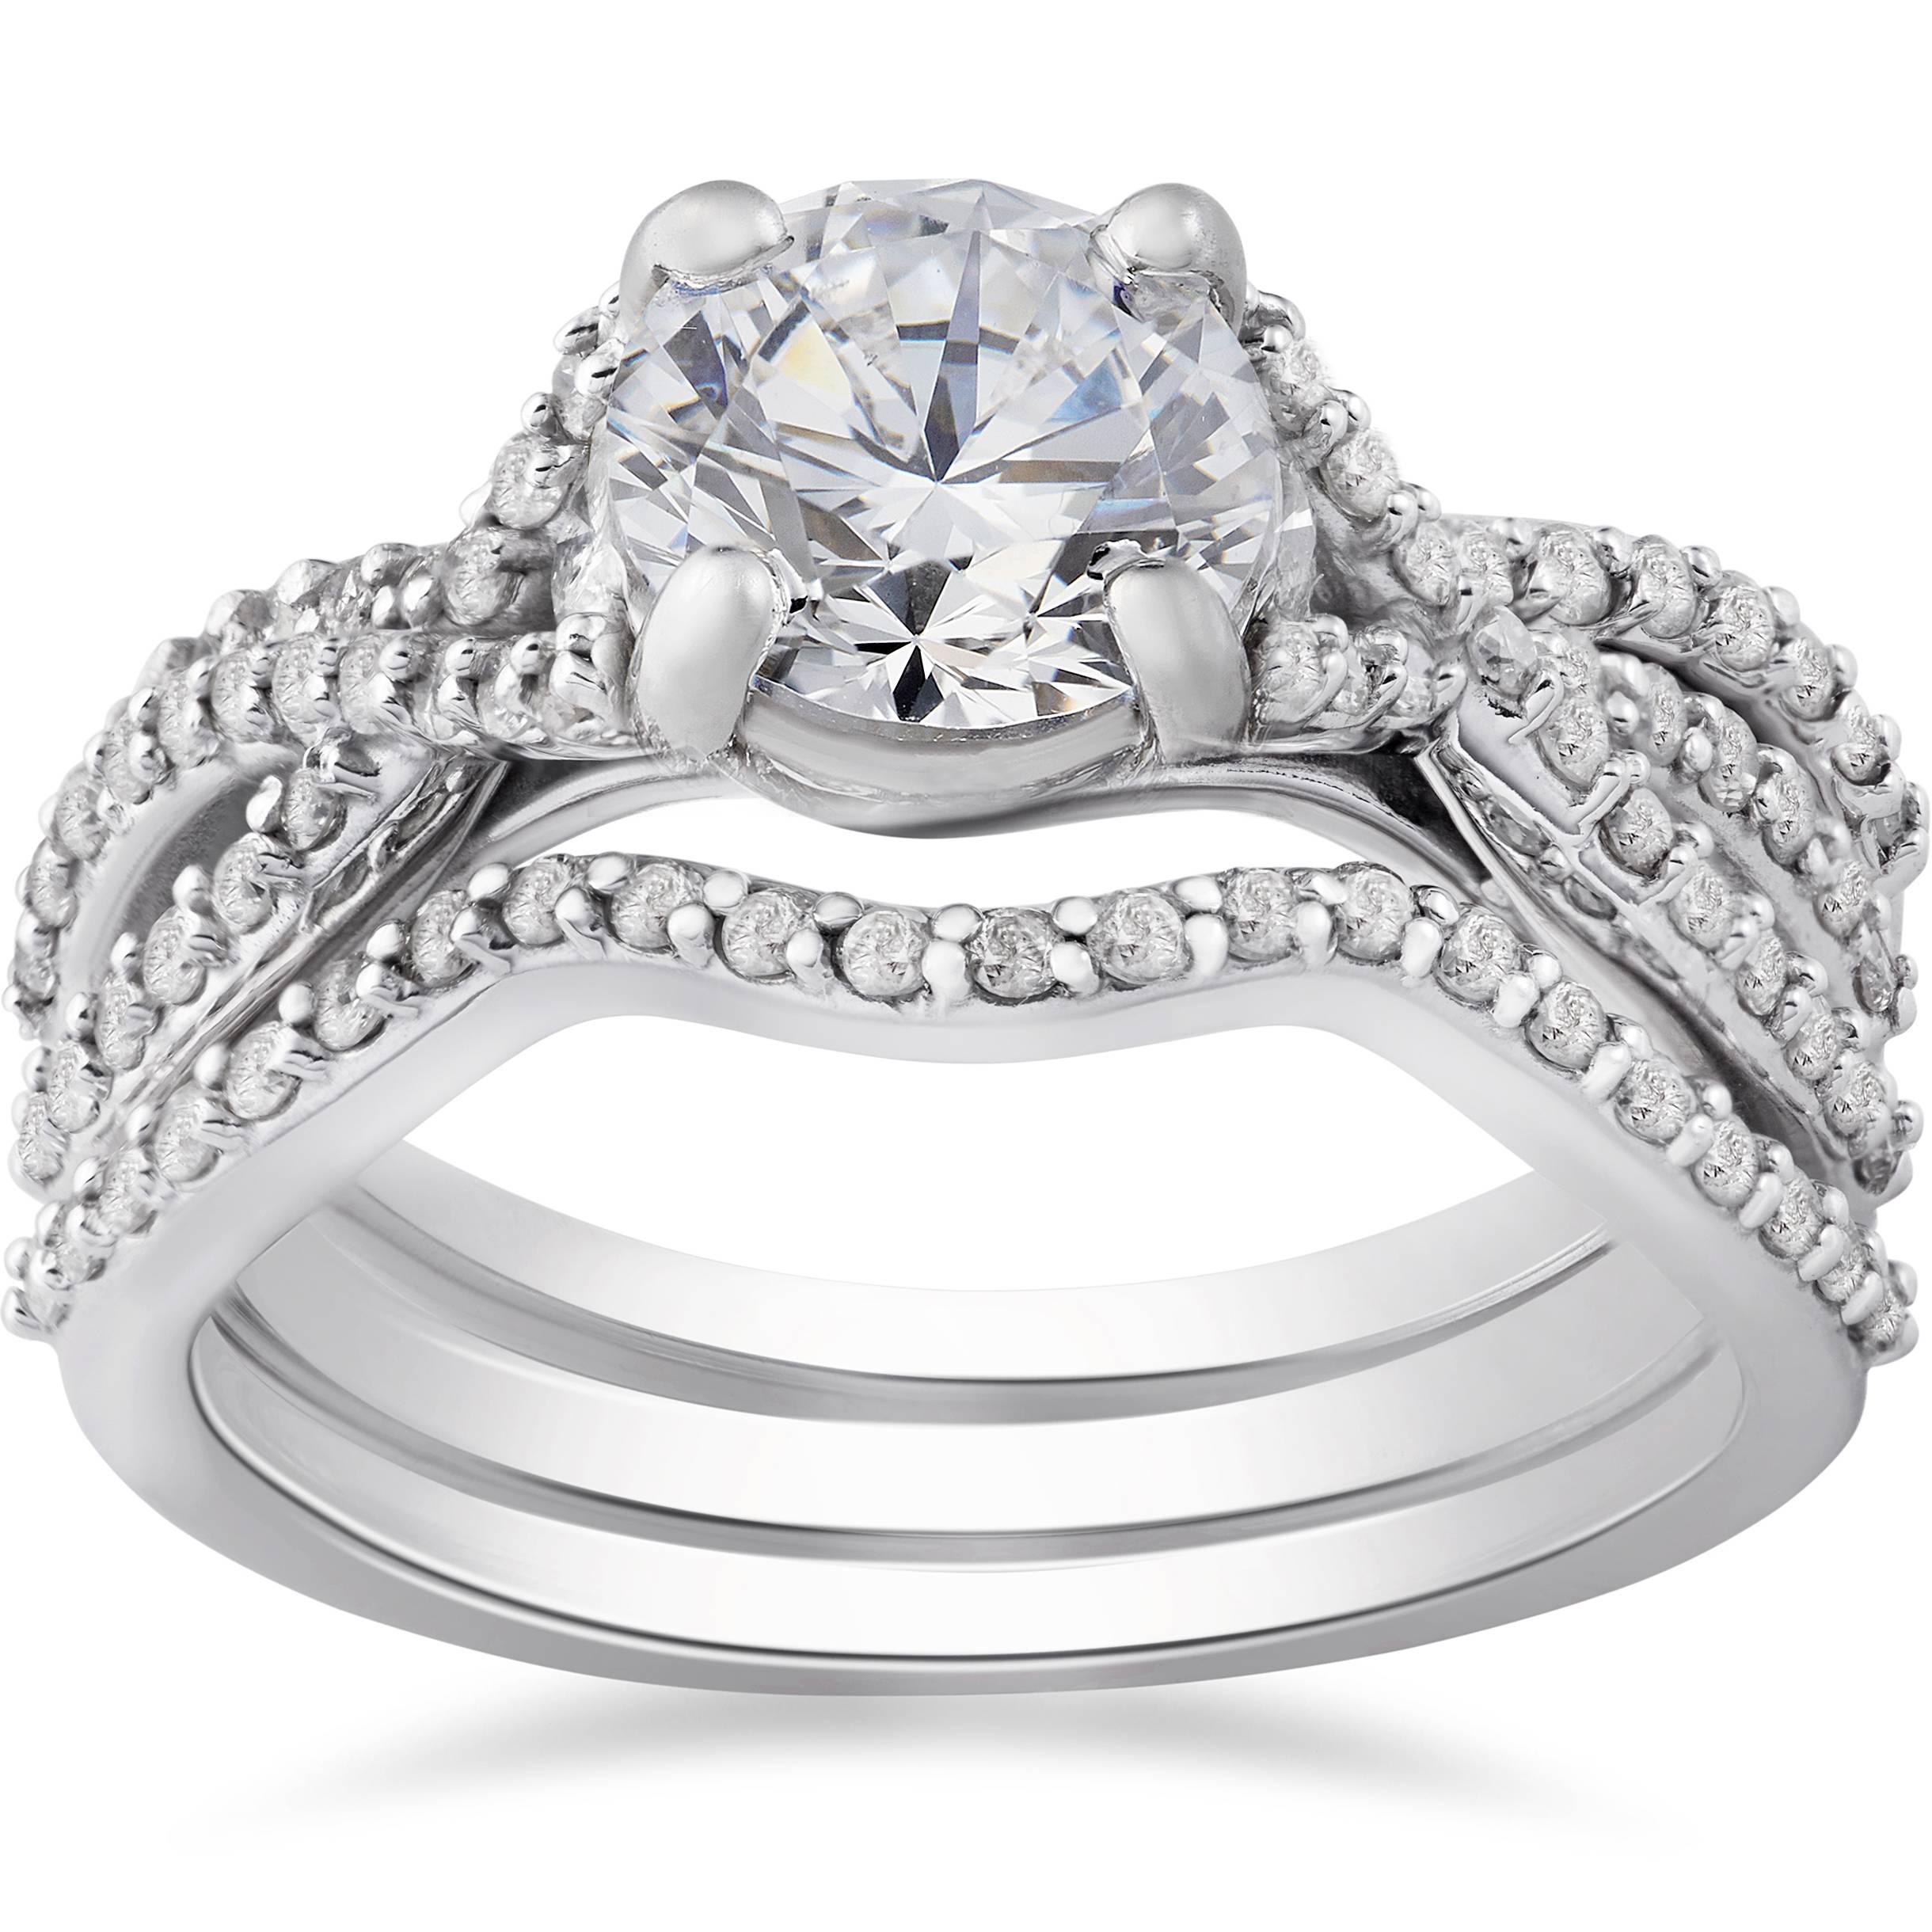 1 3/4Ct Twist Diamond Engagement Ring & Matching Wedding Band Set Regarding Engagement Band Rings (View 1 of 15)